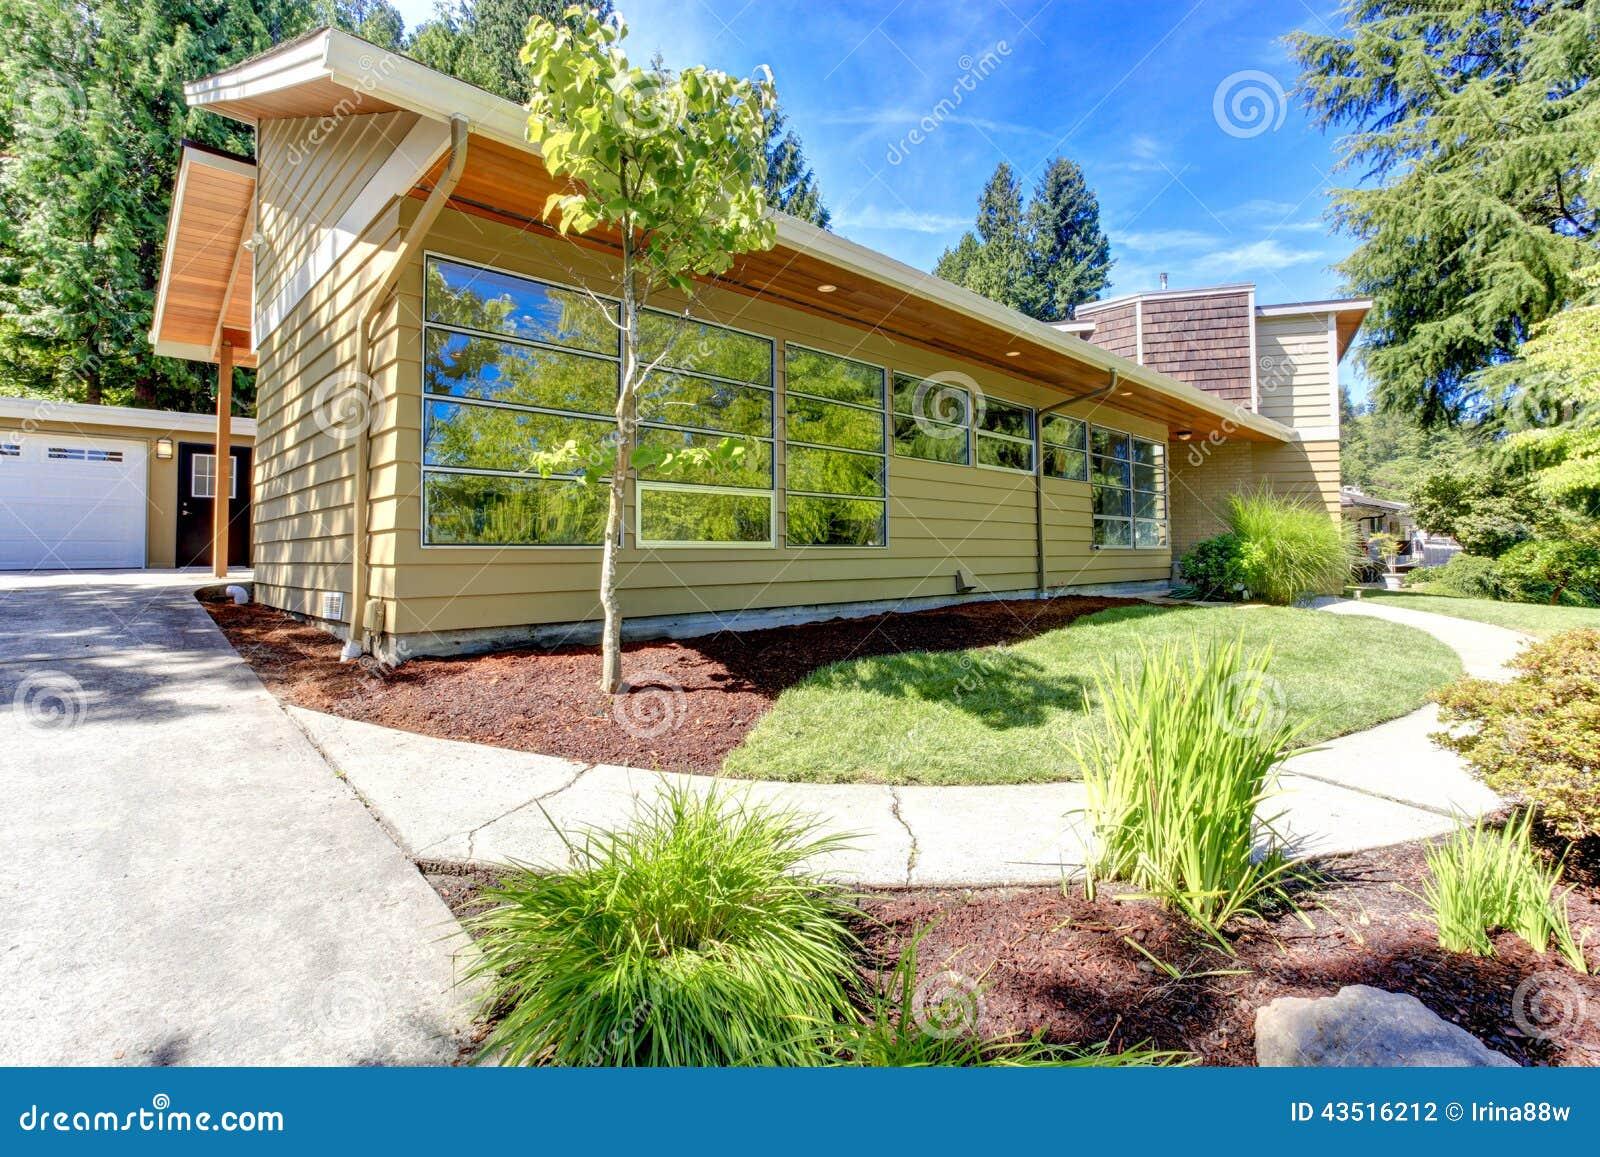 Modernes Haus Außen Mit Glaswand Und Landschaft Stockfoto - Bild von ...